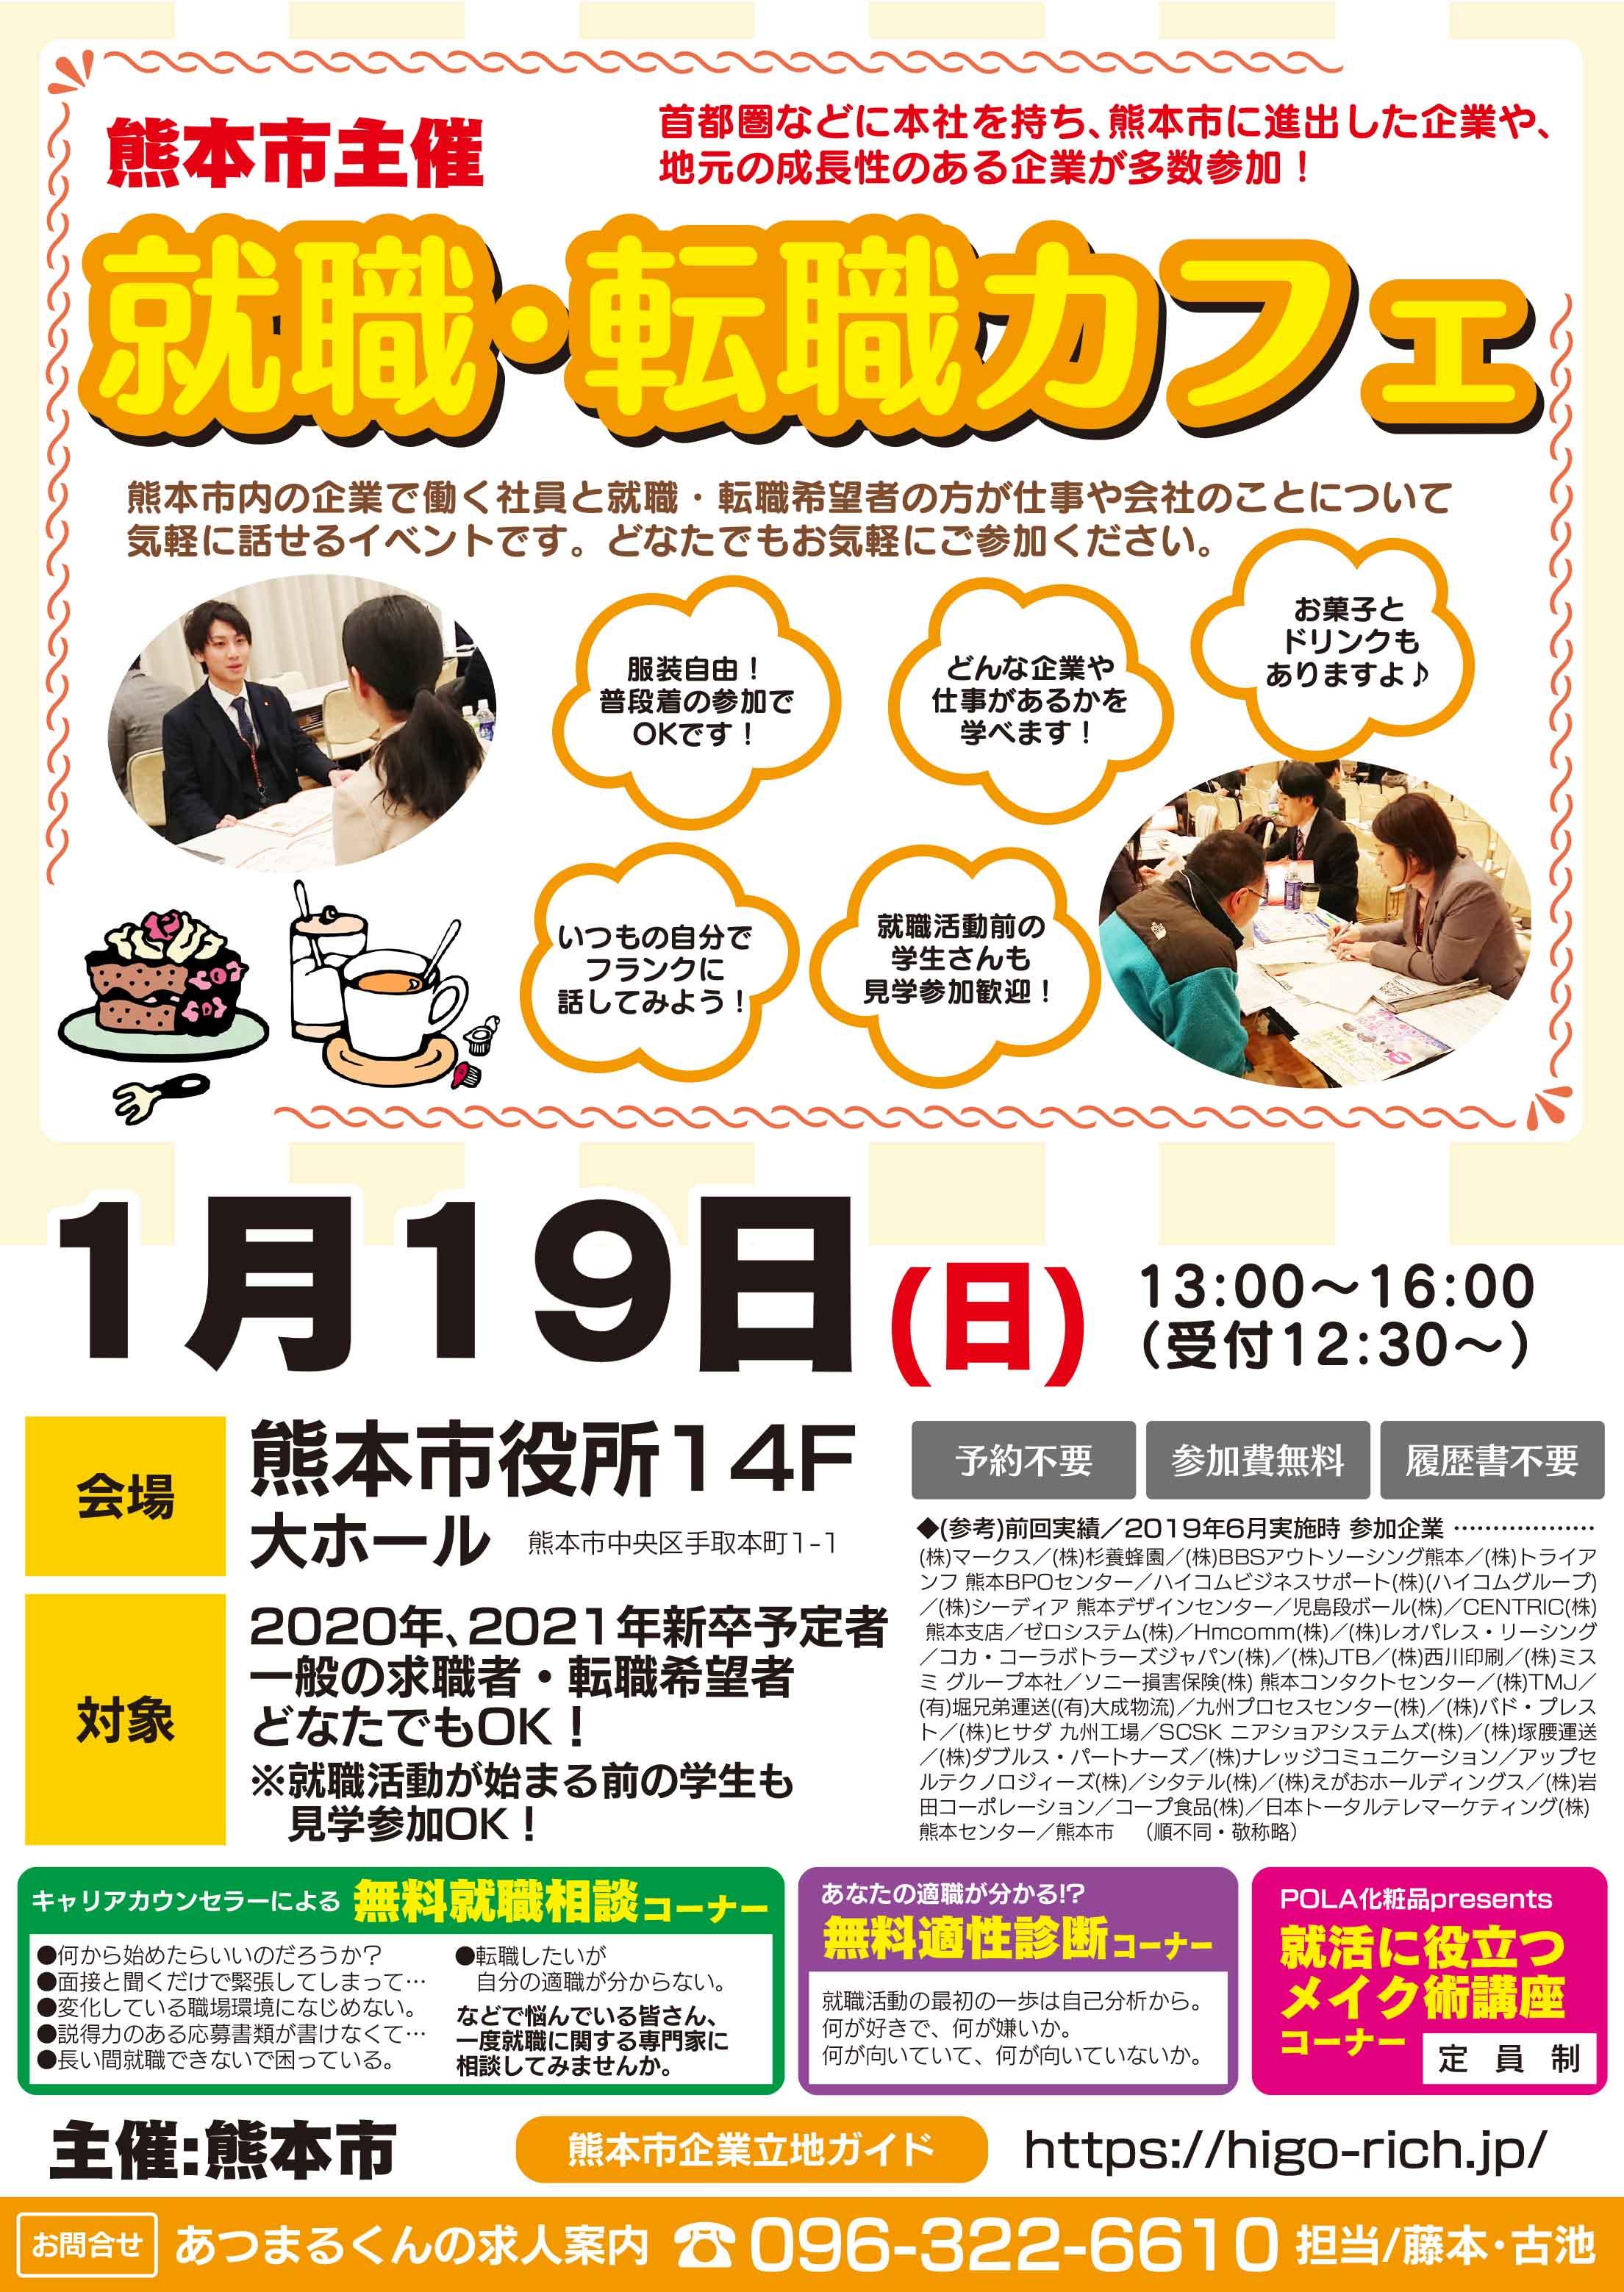 熊本市主催「就職・転職カフェ」開催のご案内